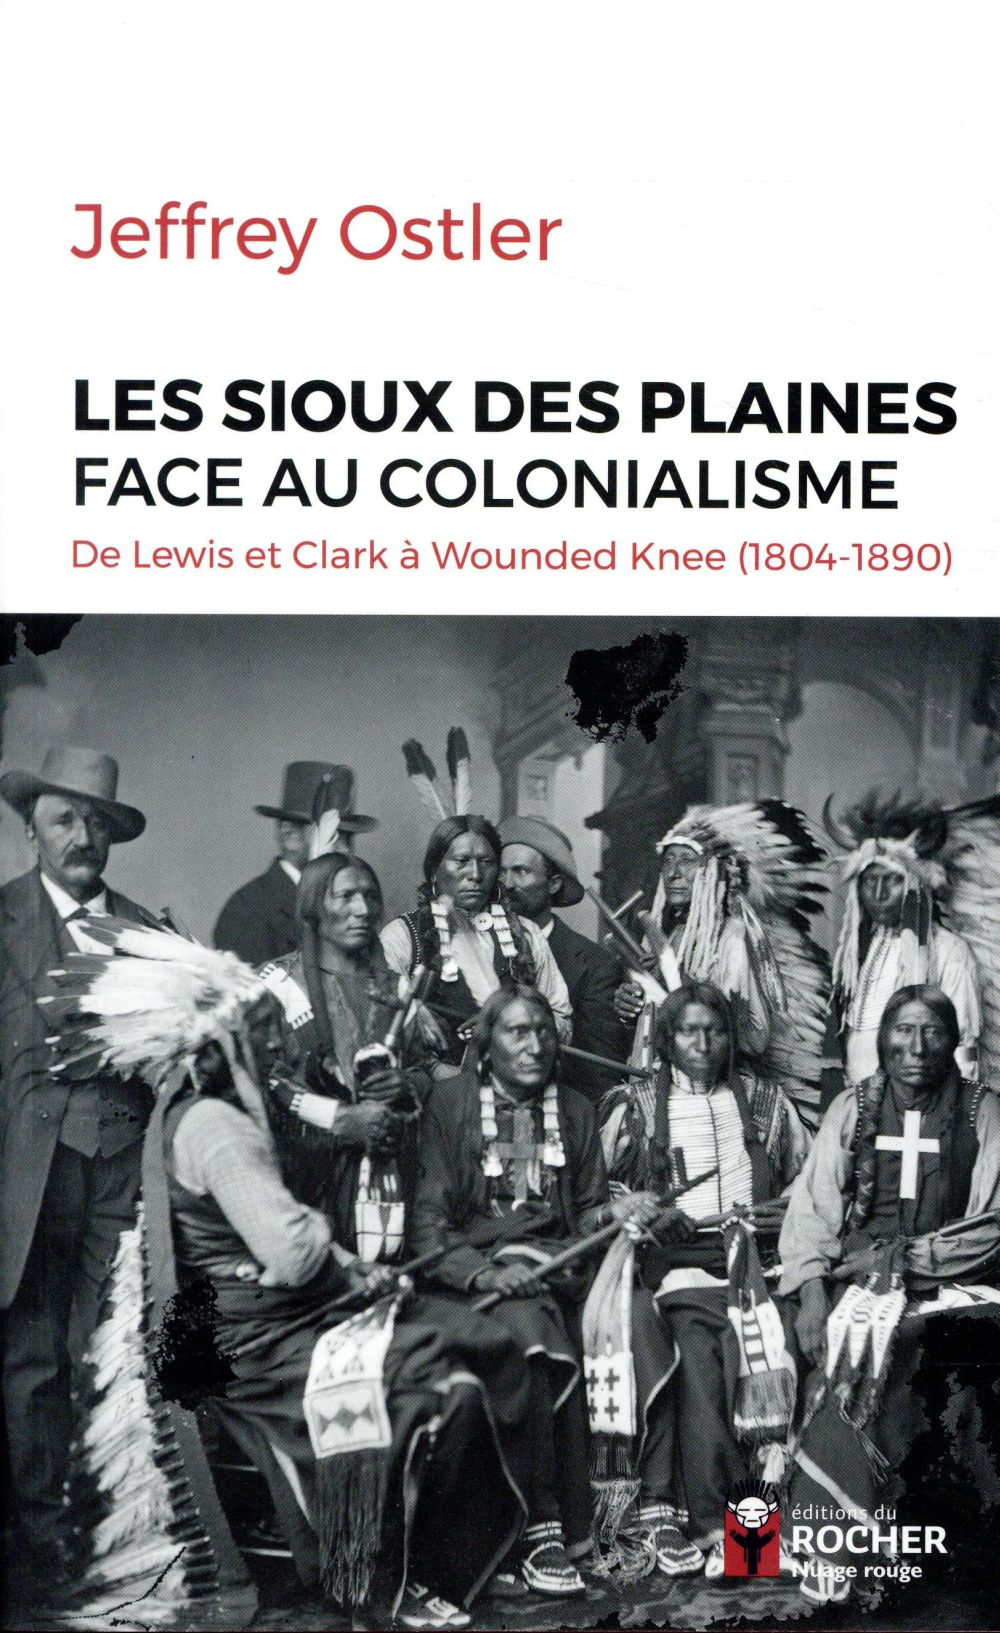 Les sioux des plaines face au colonialisme ; de Lewis et Clark à Wounded Knee (1804-1890)